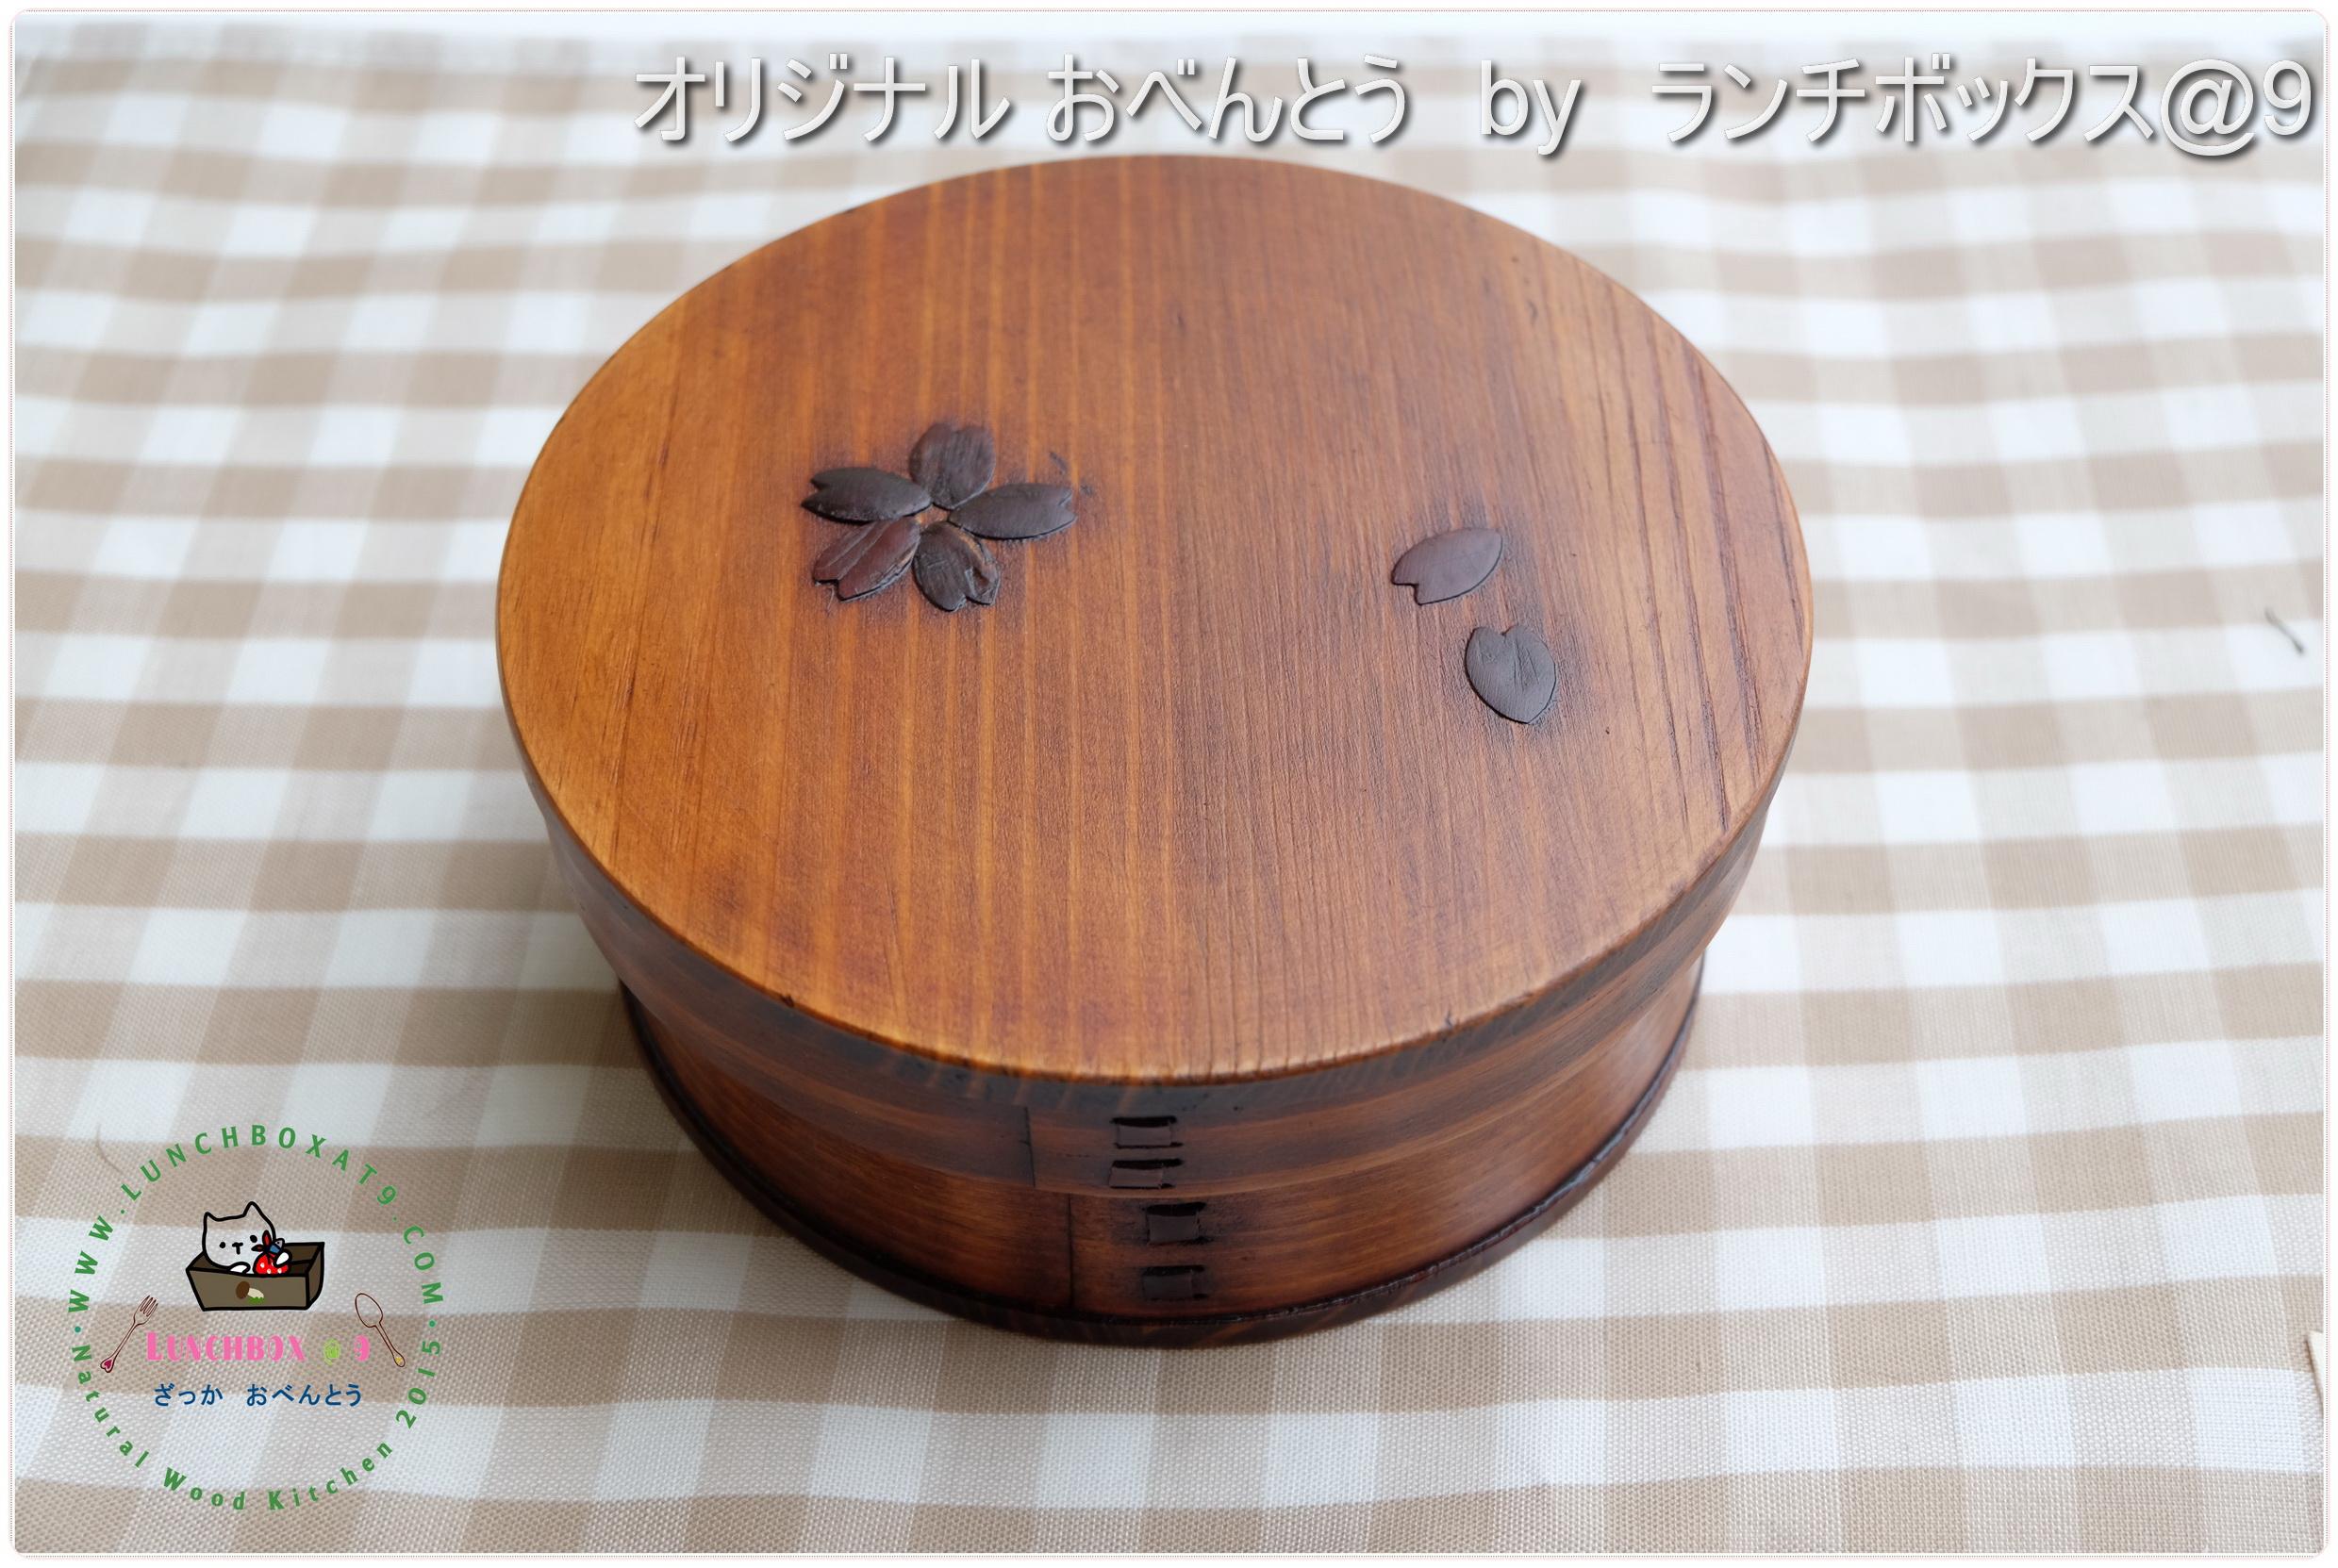 Round Lacquered Bending magewappa Cherry Blossom Pattern Bento Box กล่องข้าวญี่ปุ่นทรงกลม สีไม้คลาสสิค 1 ชั้น ลายดอกซากุระ